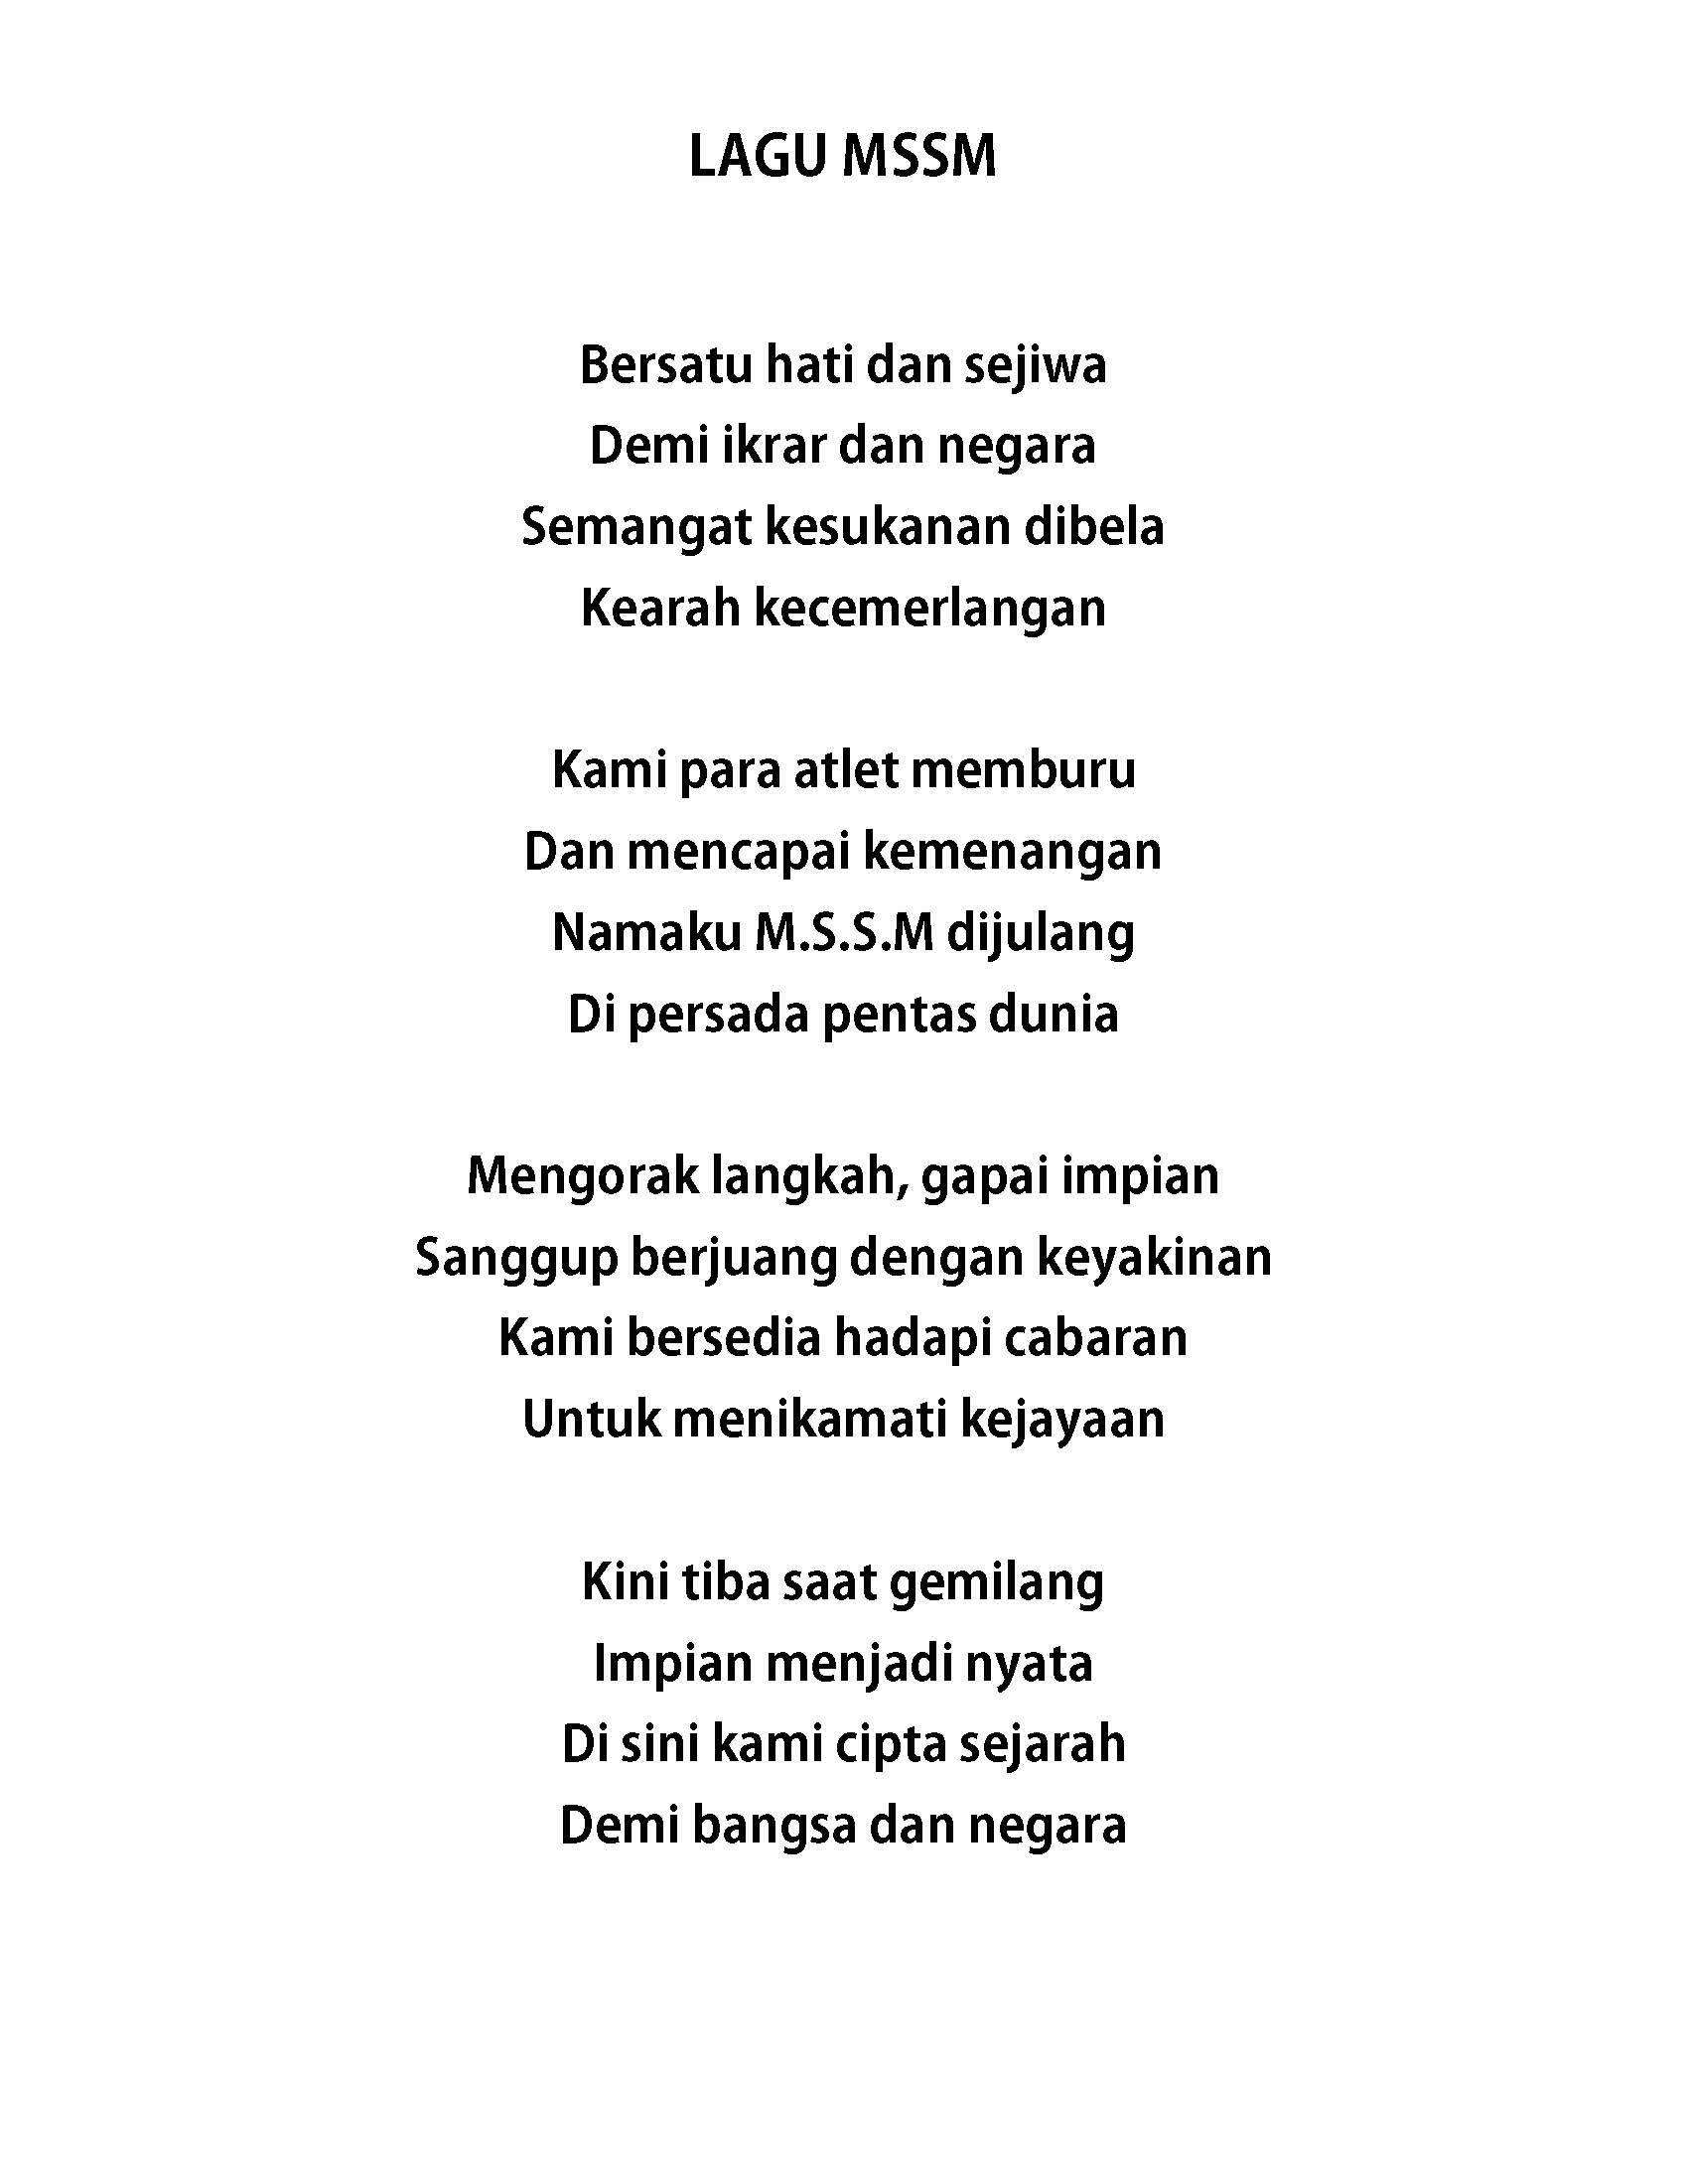 lagu mssm